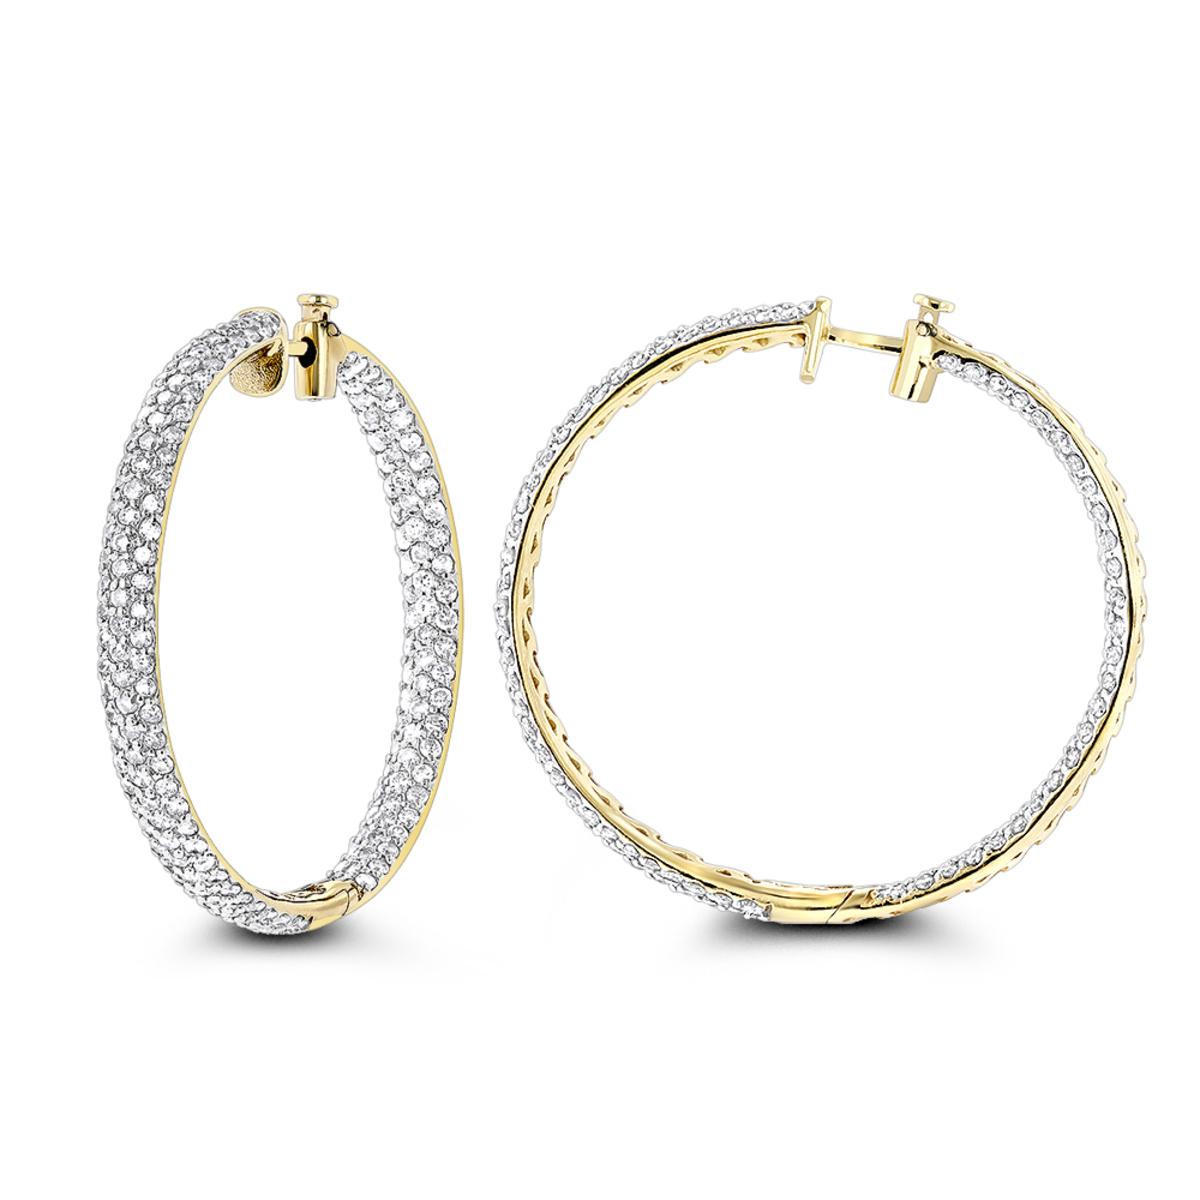 5 Carat Diamond Hoop Earrings: 14K Gold Inside Out Style